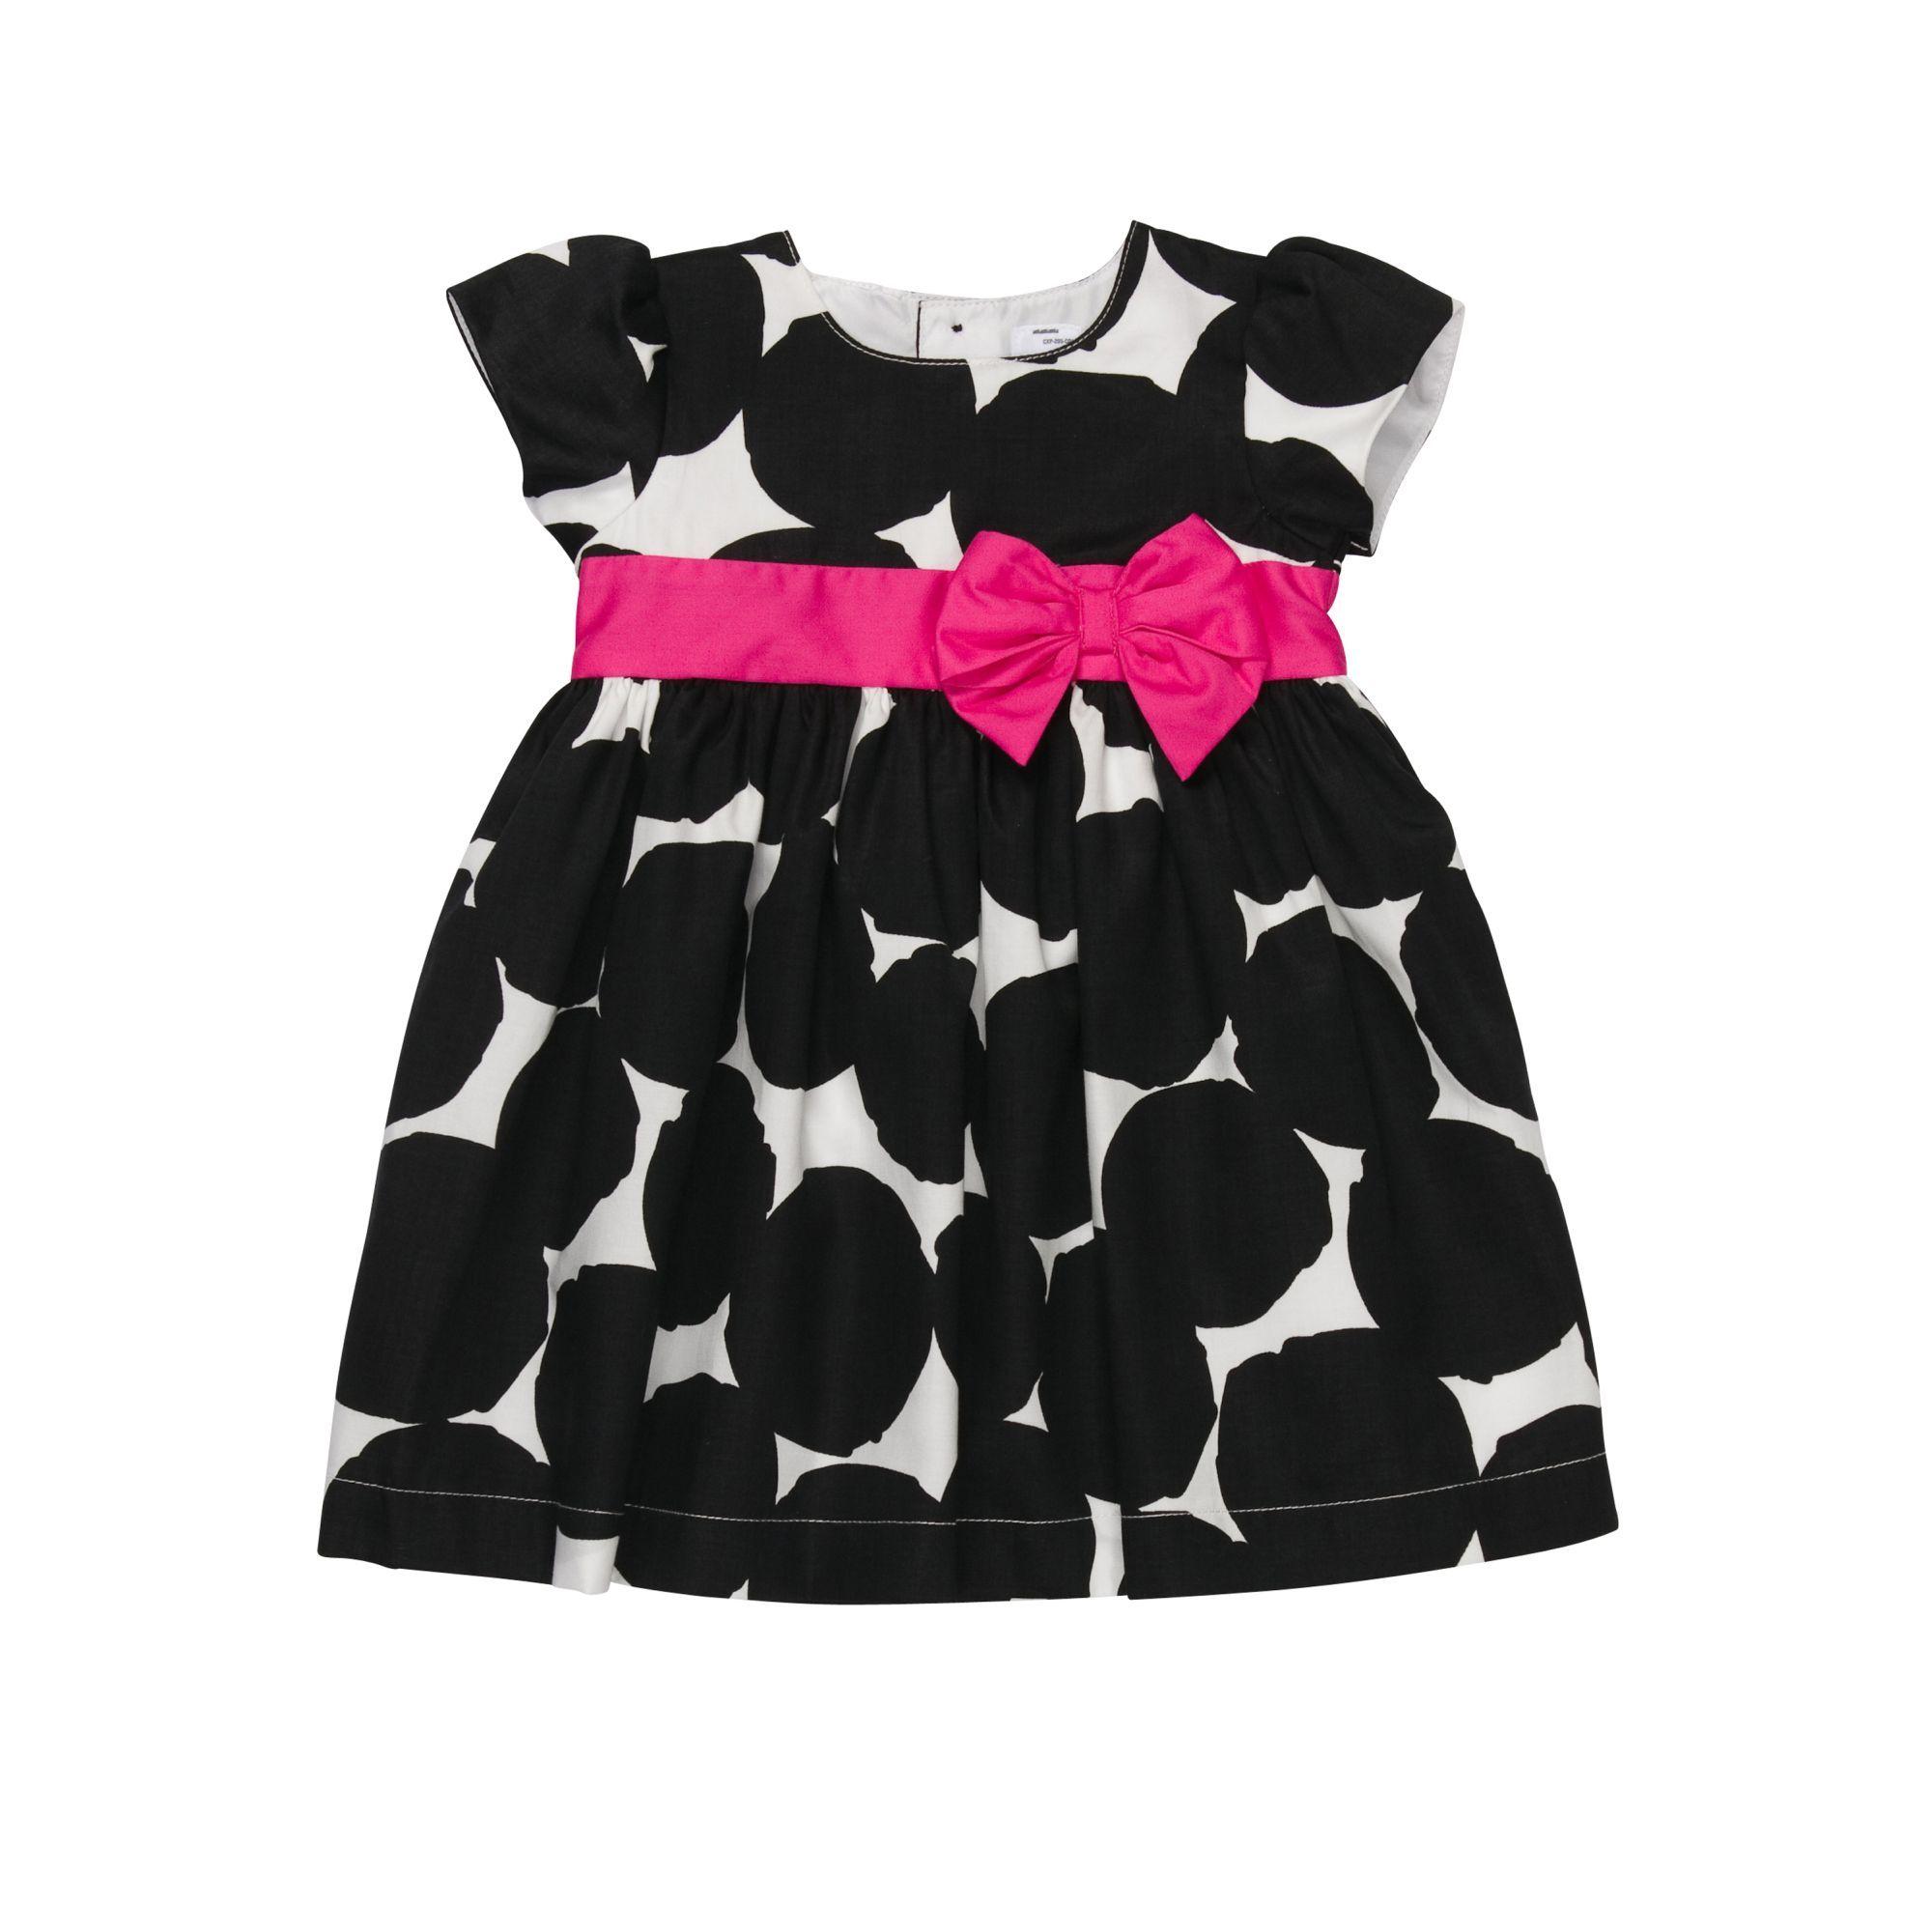 sateen dress from carters For Kyleigh Grace Pinterest